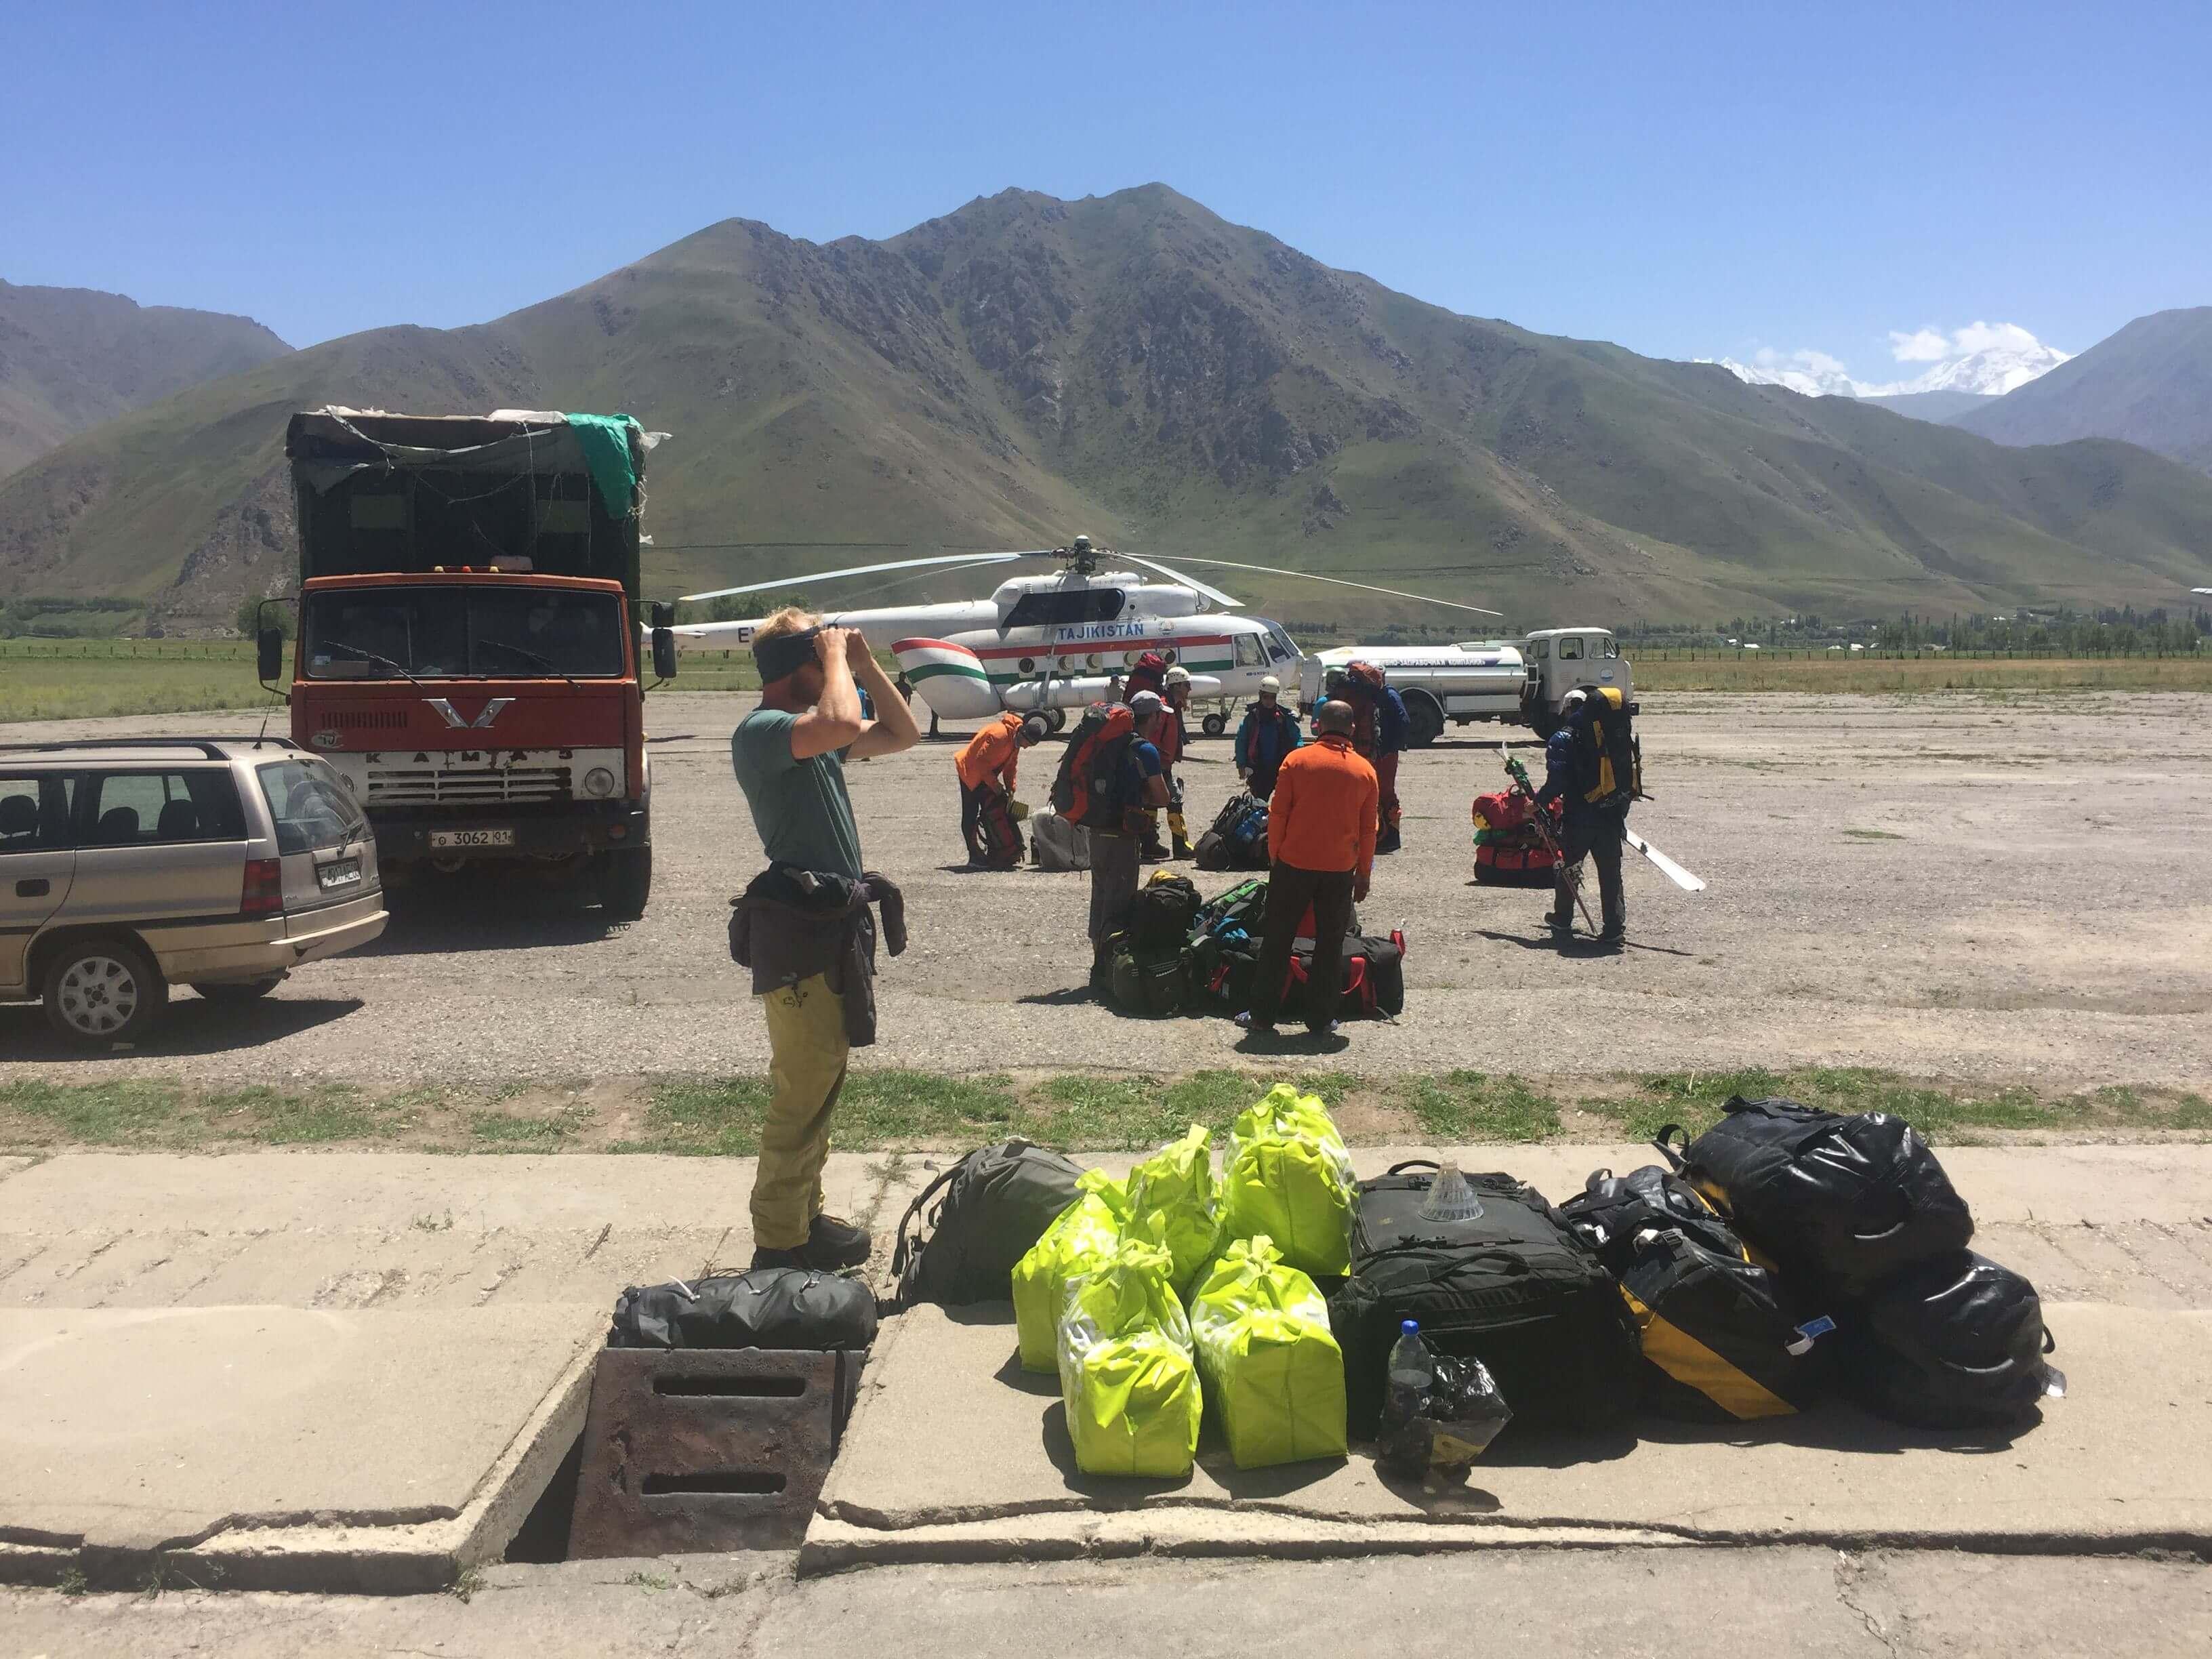 djigital-venter-paa-helikopter-afgang-med-ca-180-kg-bagage